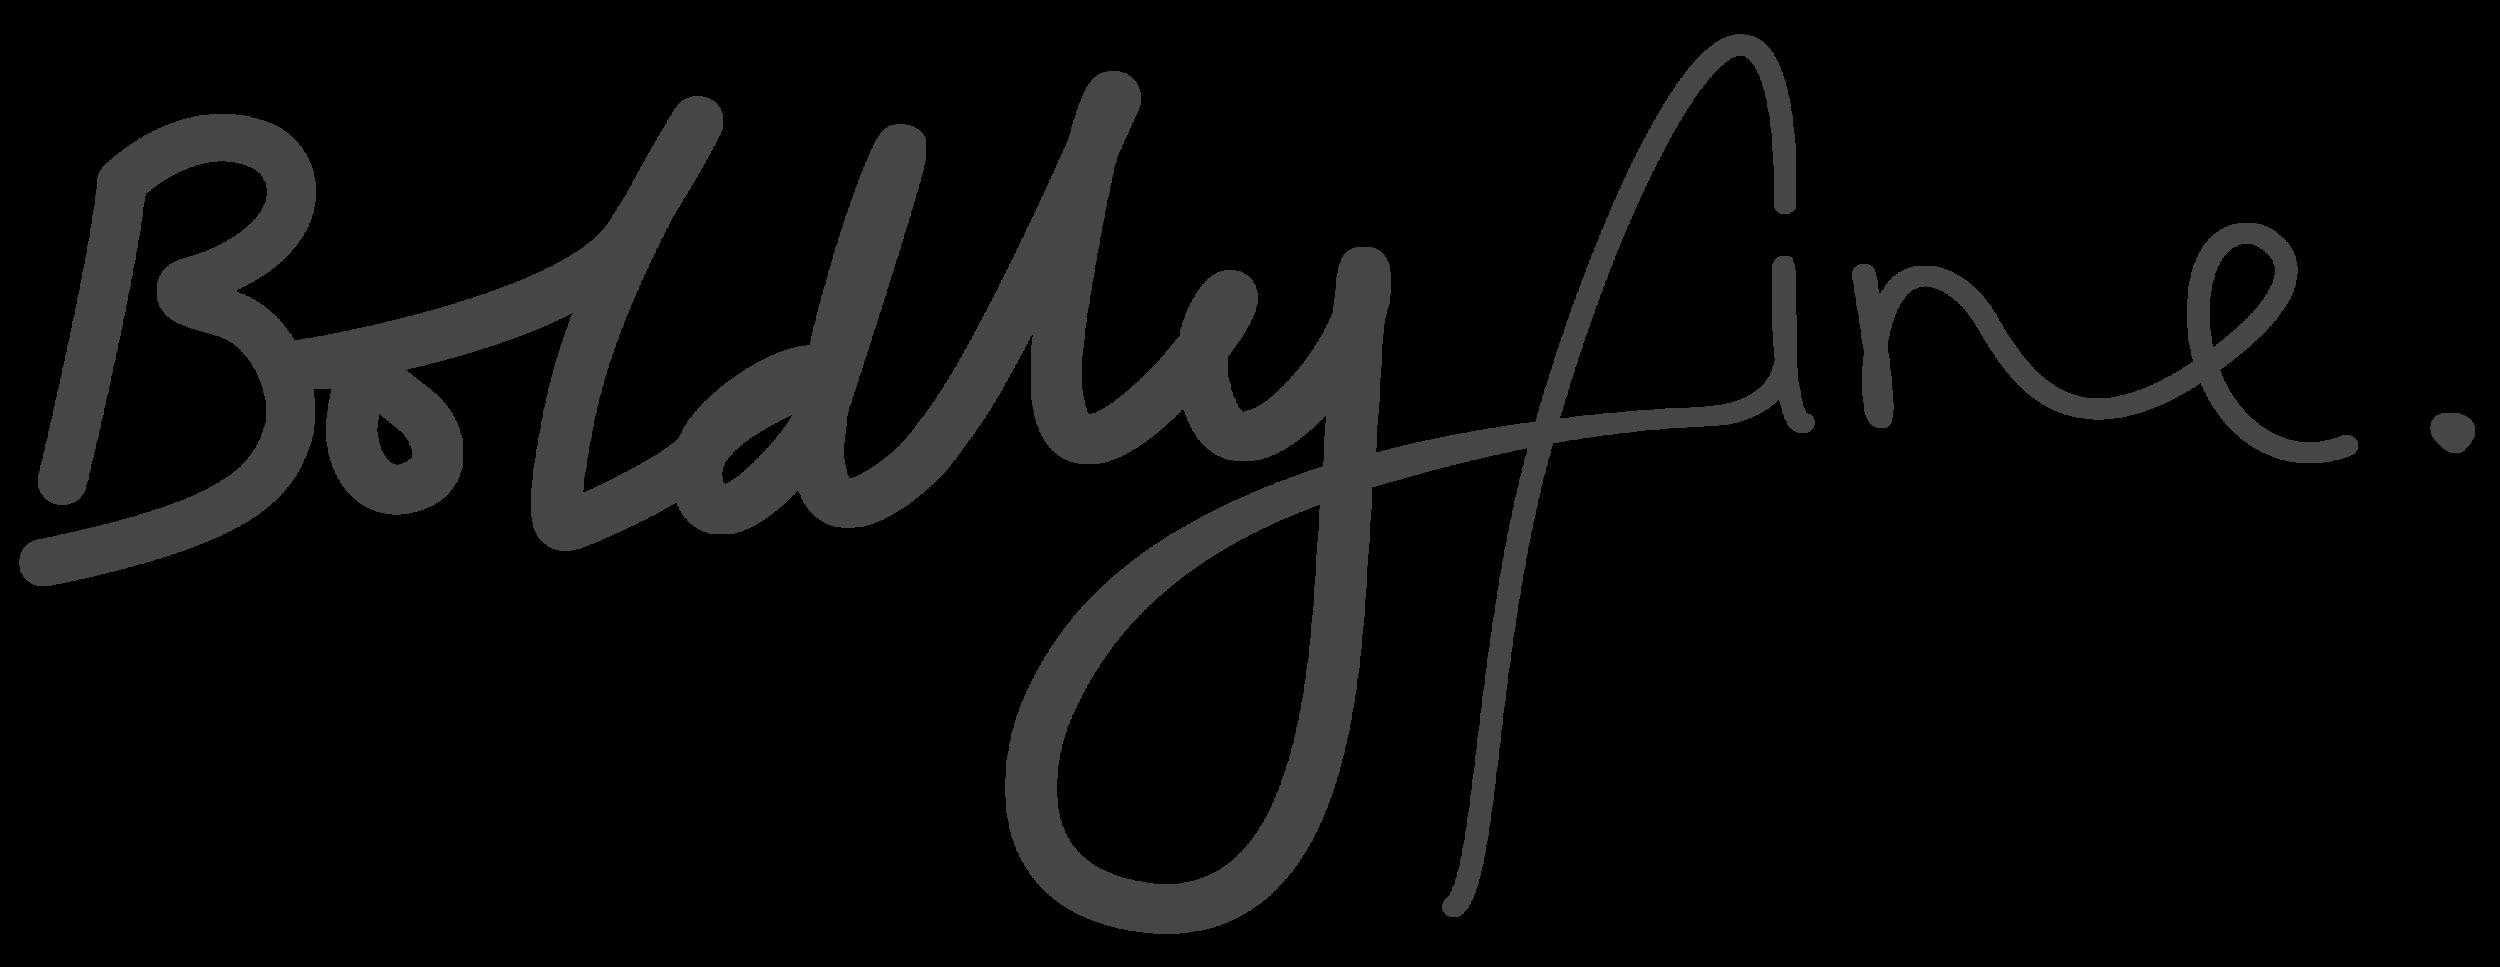 boldly-fine-logo.png